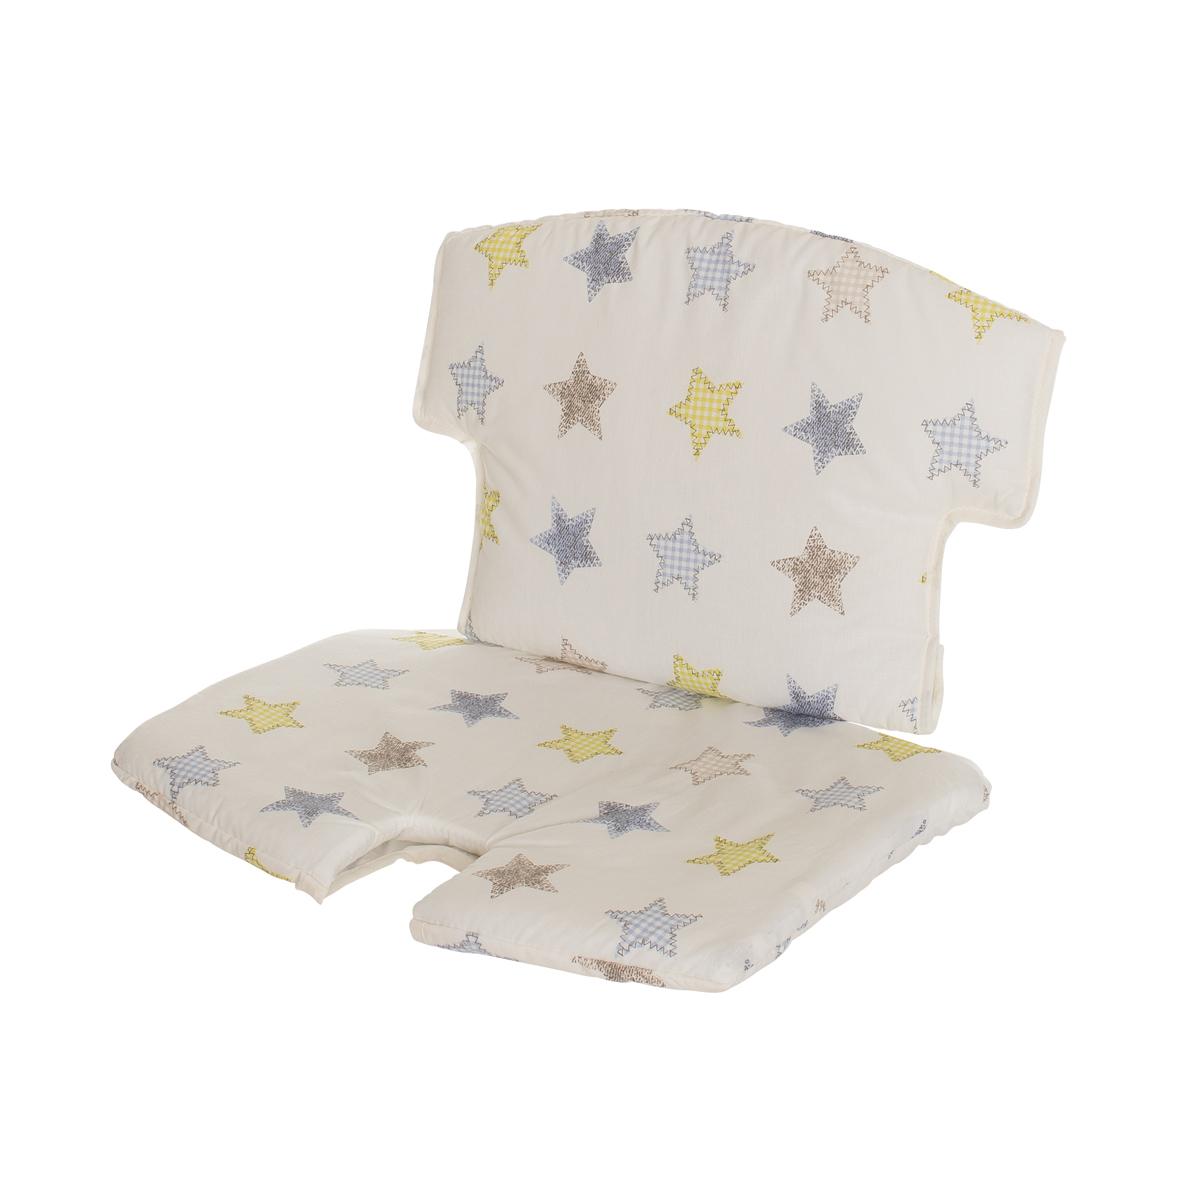 coussin chaise haute pas cher chaise haute pas cher coussin chaise haute pas cher chaise haute. Black Bedroom Furniture Sets. Home Design Ideas